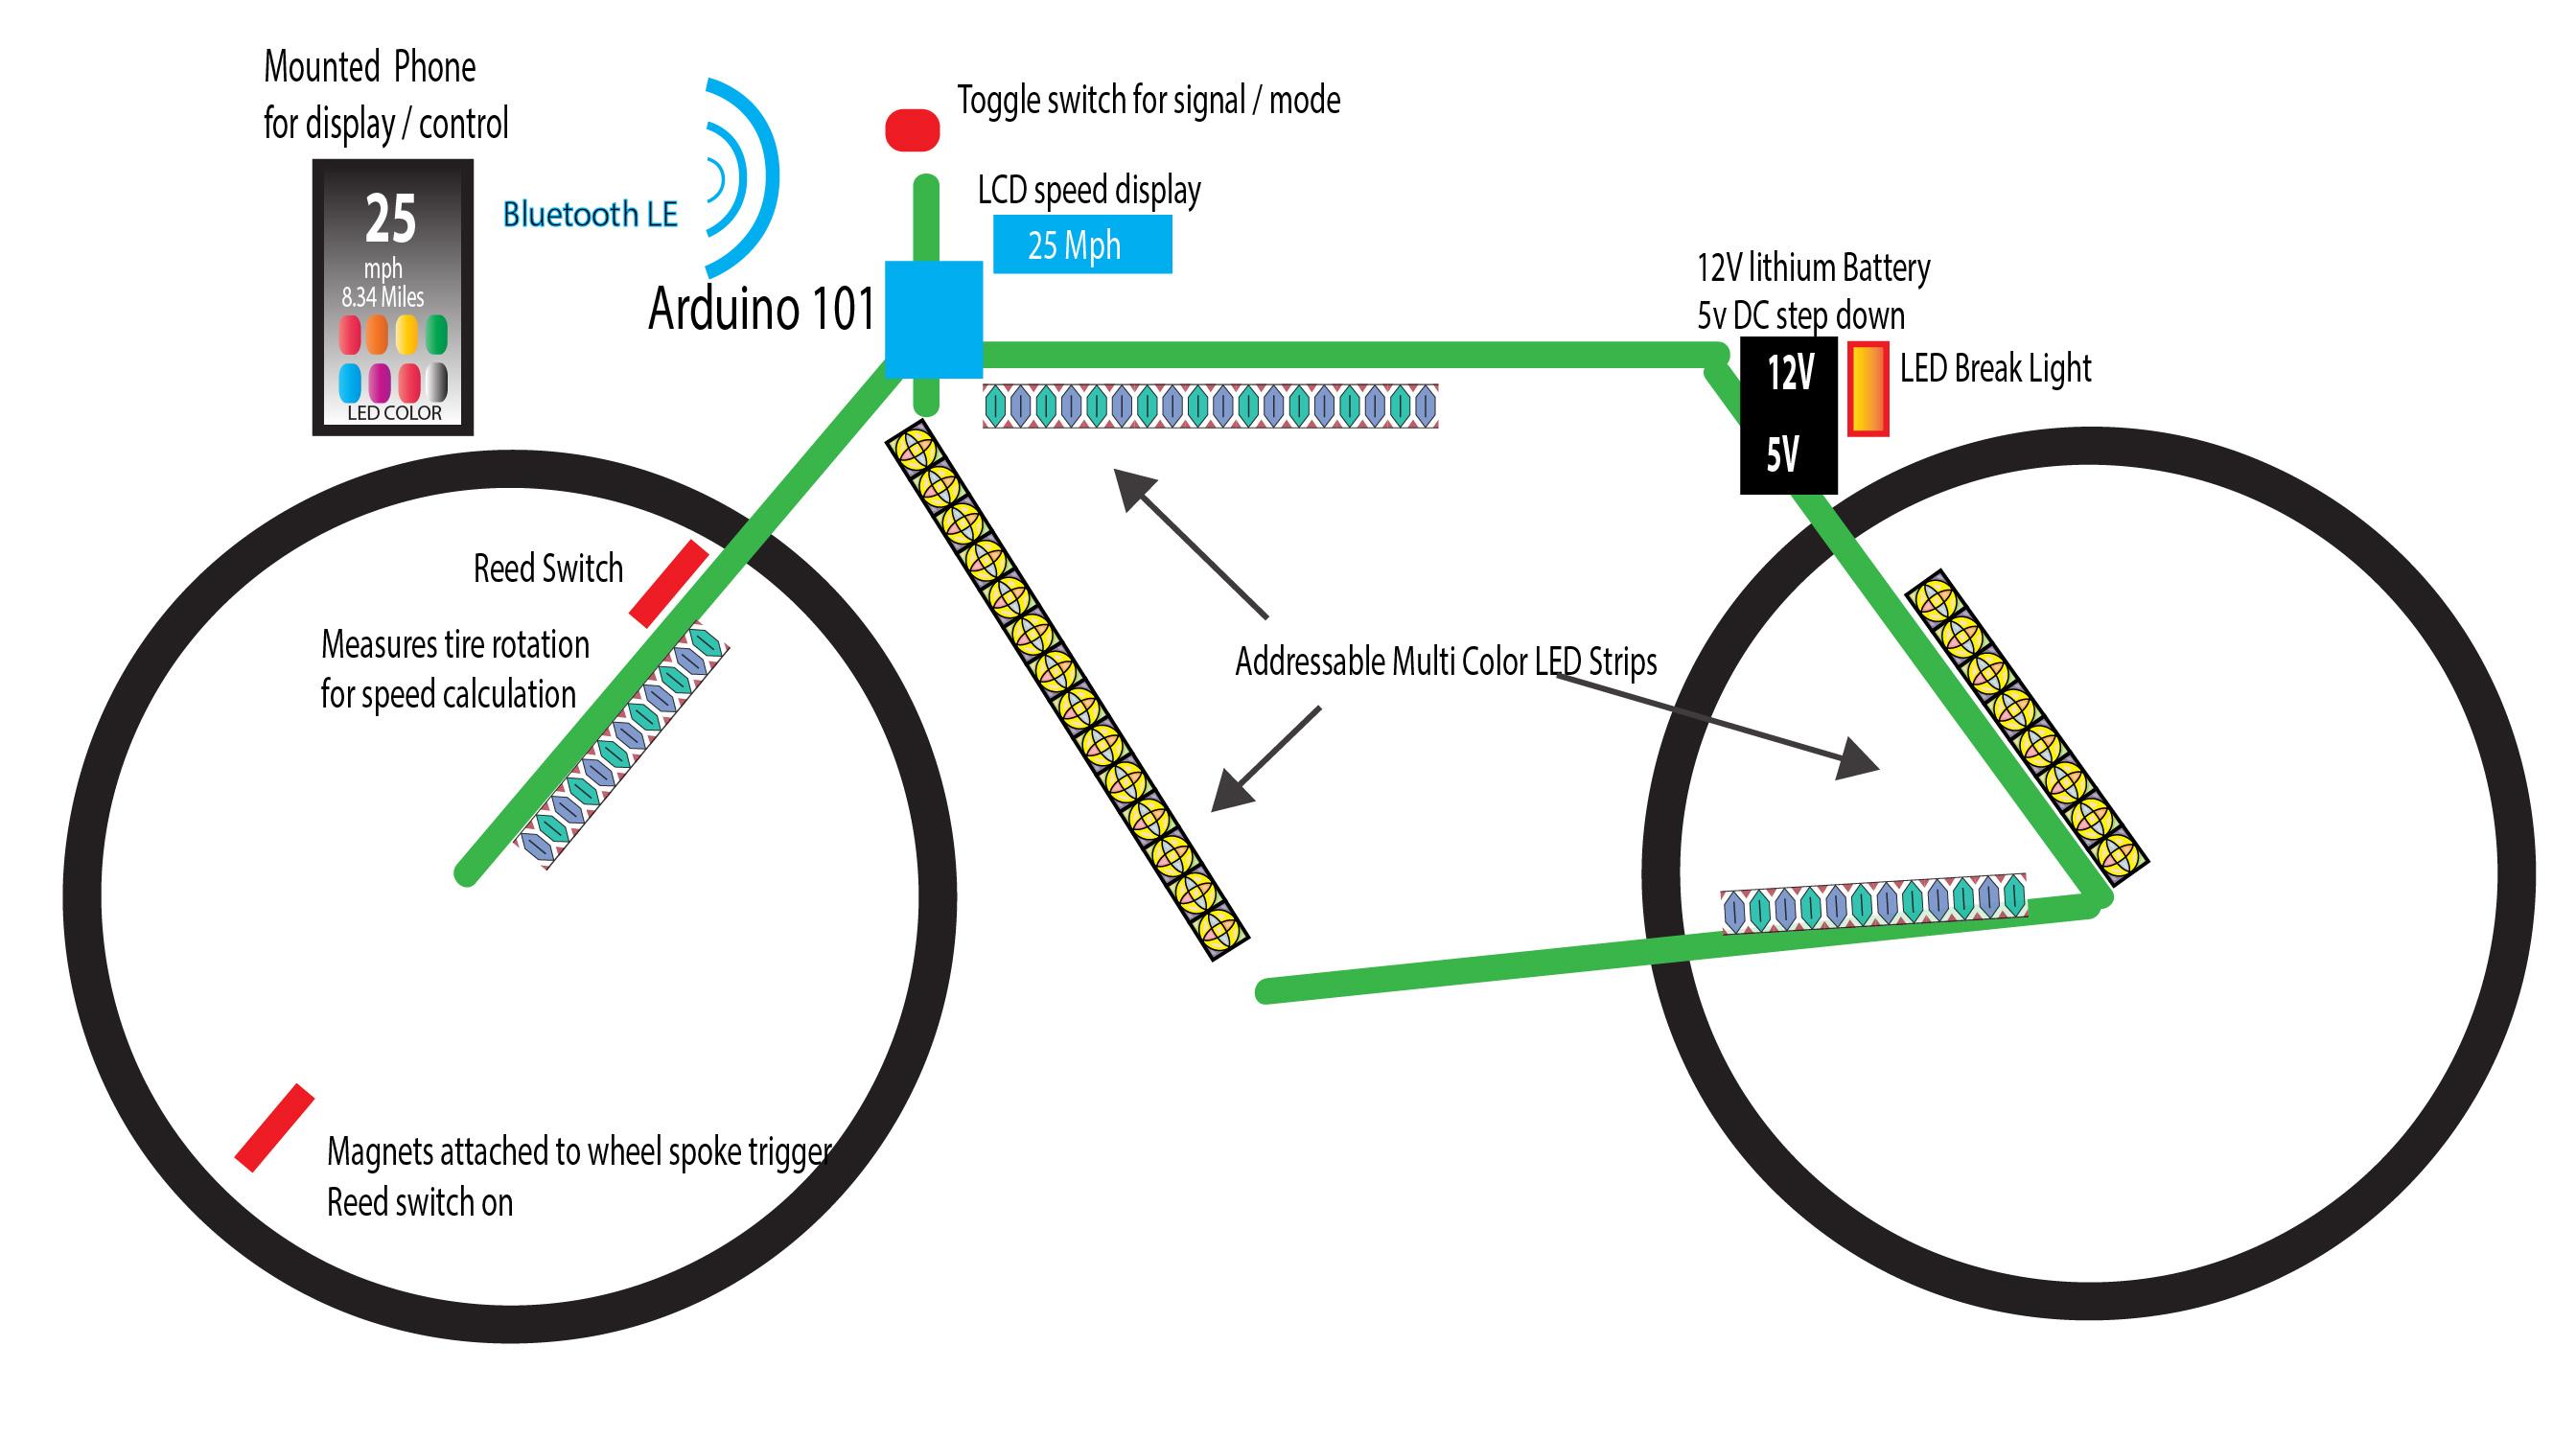 12v led wiring diagram tir4 wiring diagram yer 12v led wiring diagram tir4 [ 2687 x 1501 Pixel ]